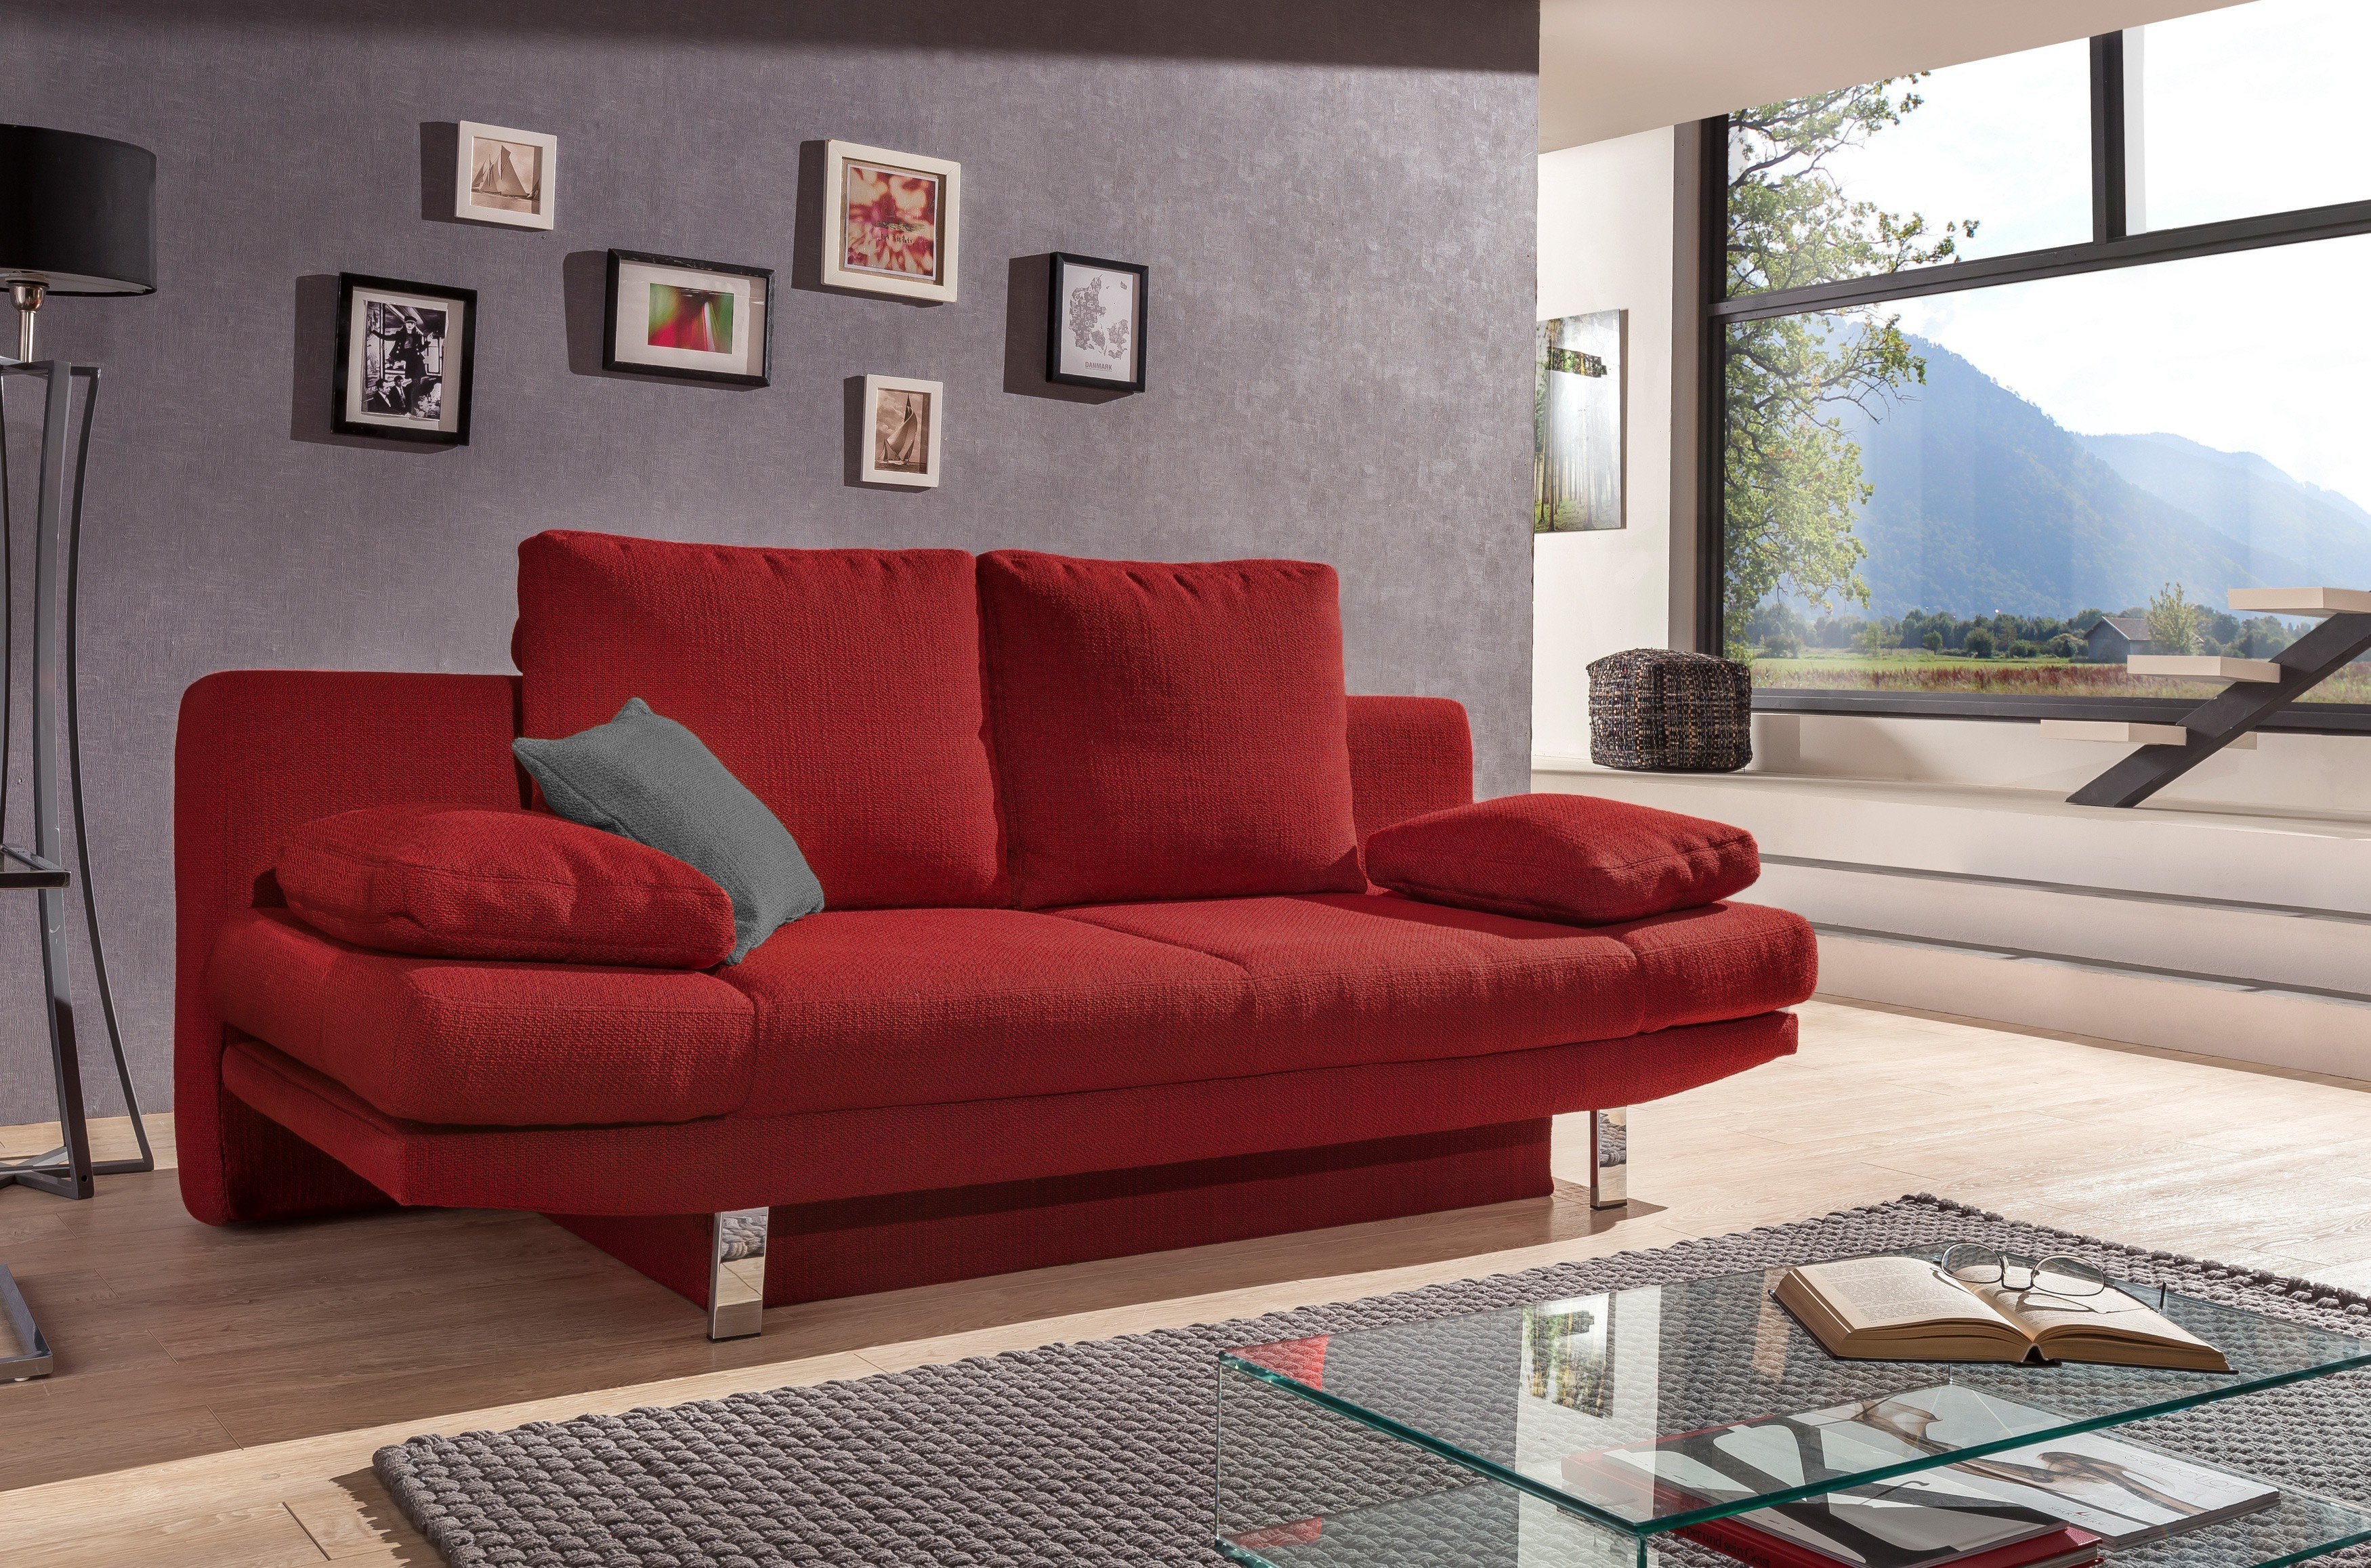 schlafsofa valencia von goldammer in rot mit bettkasten m bel letz ihr online shop. Black Bedroom Furniture Sets. Home Design Ideas